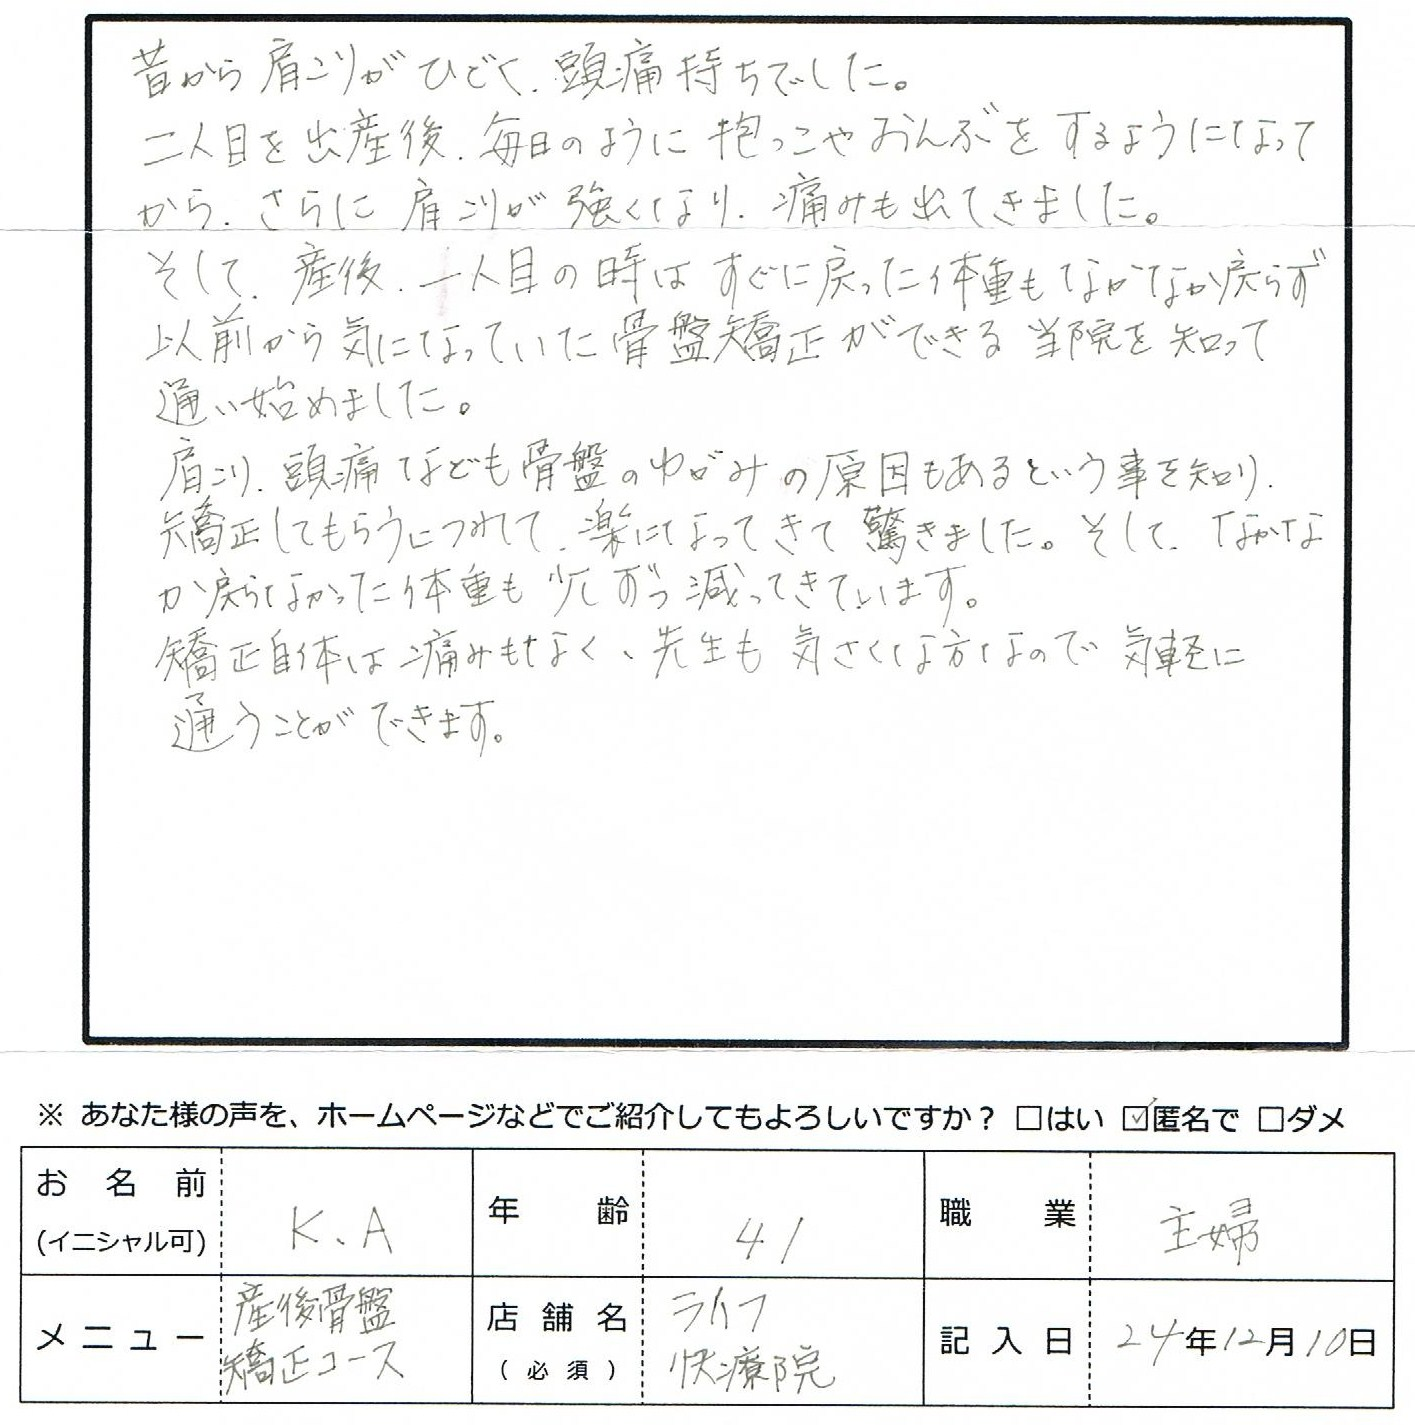 お客様の声 K.A様 2012.12.10